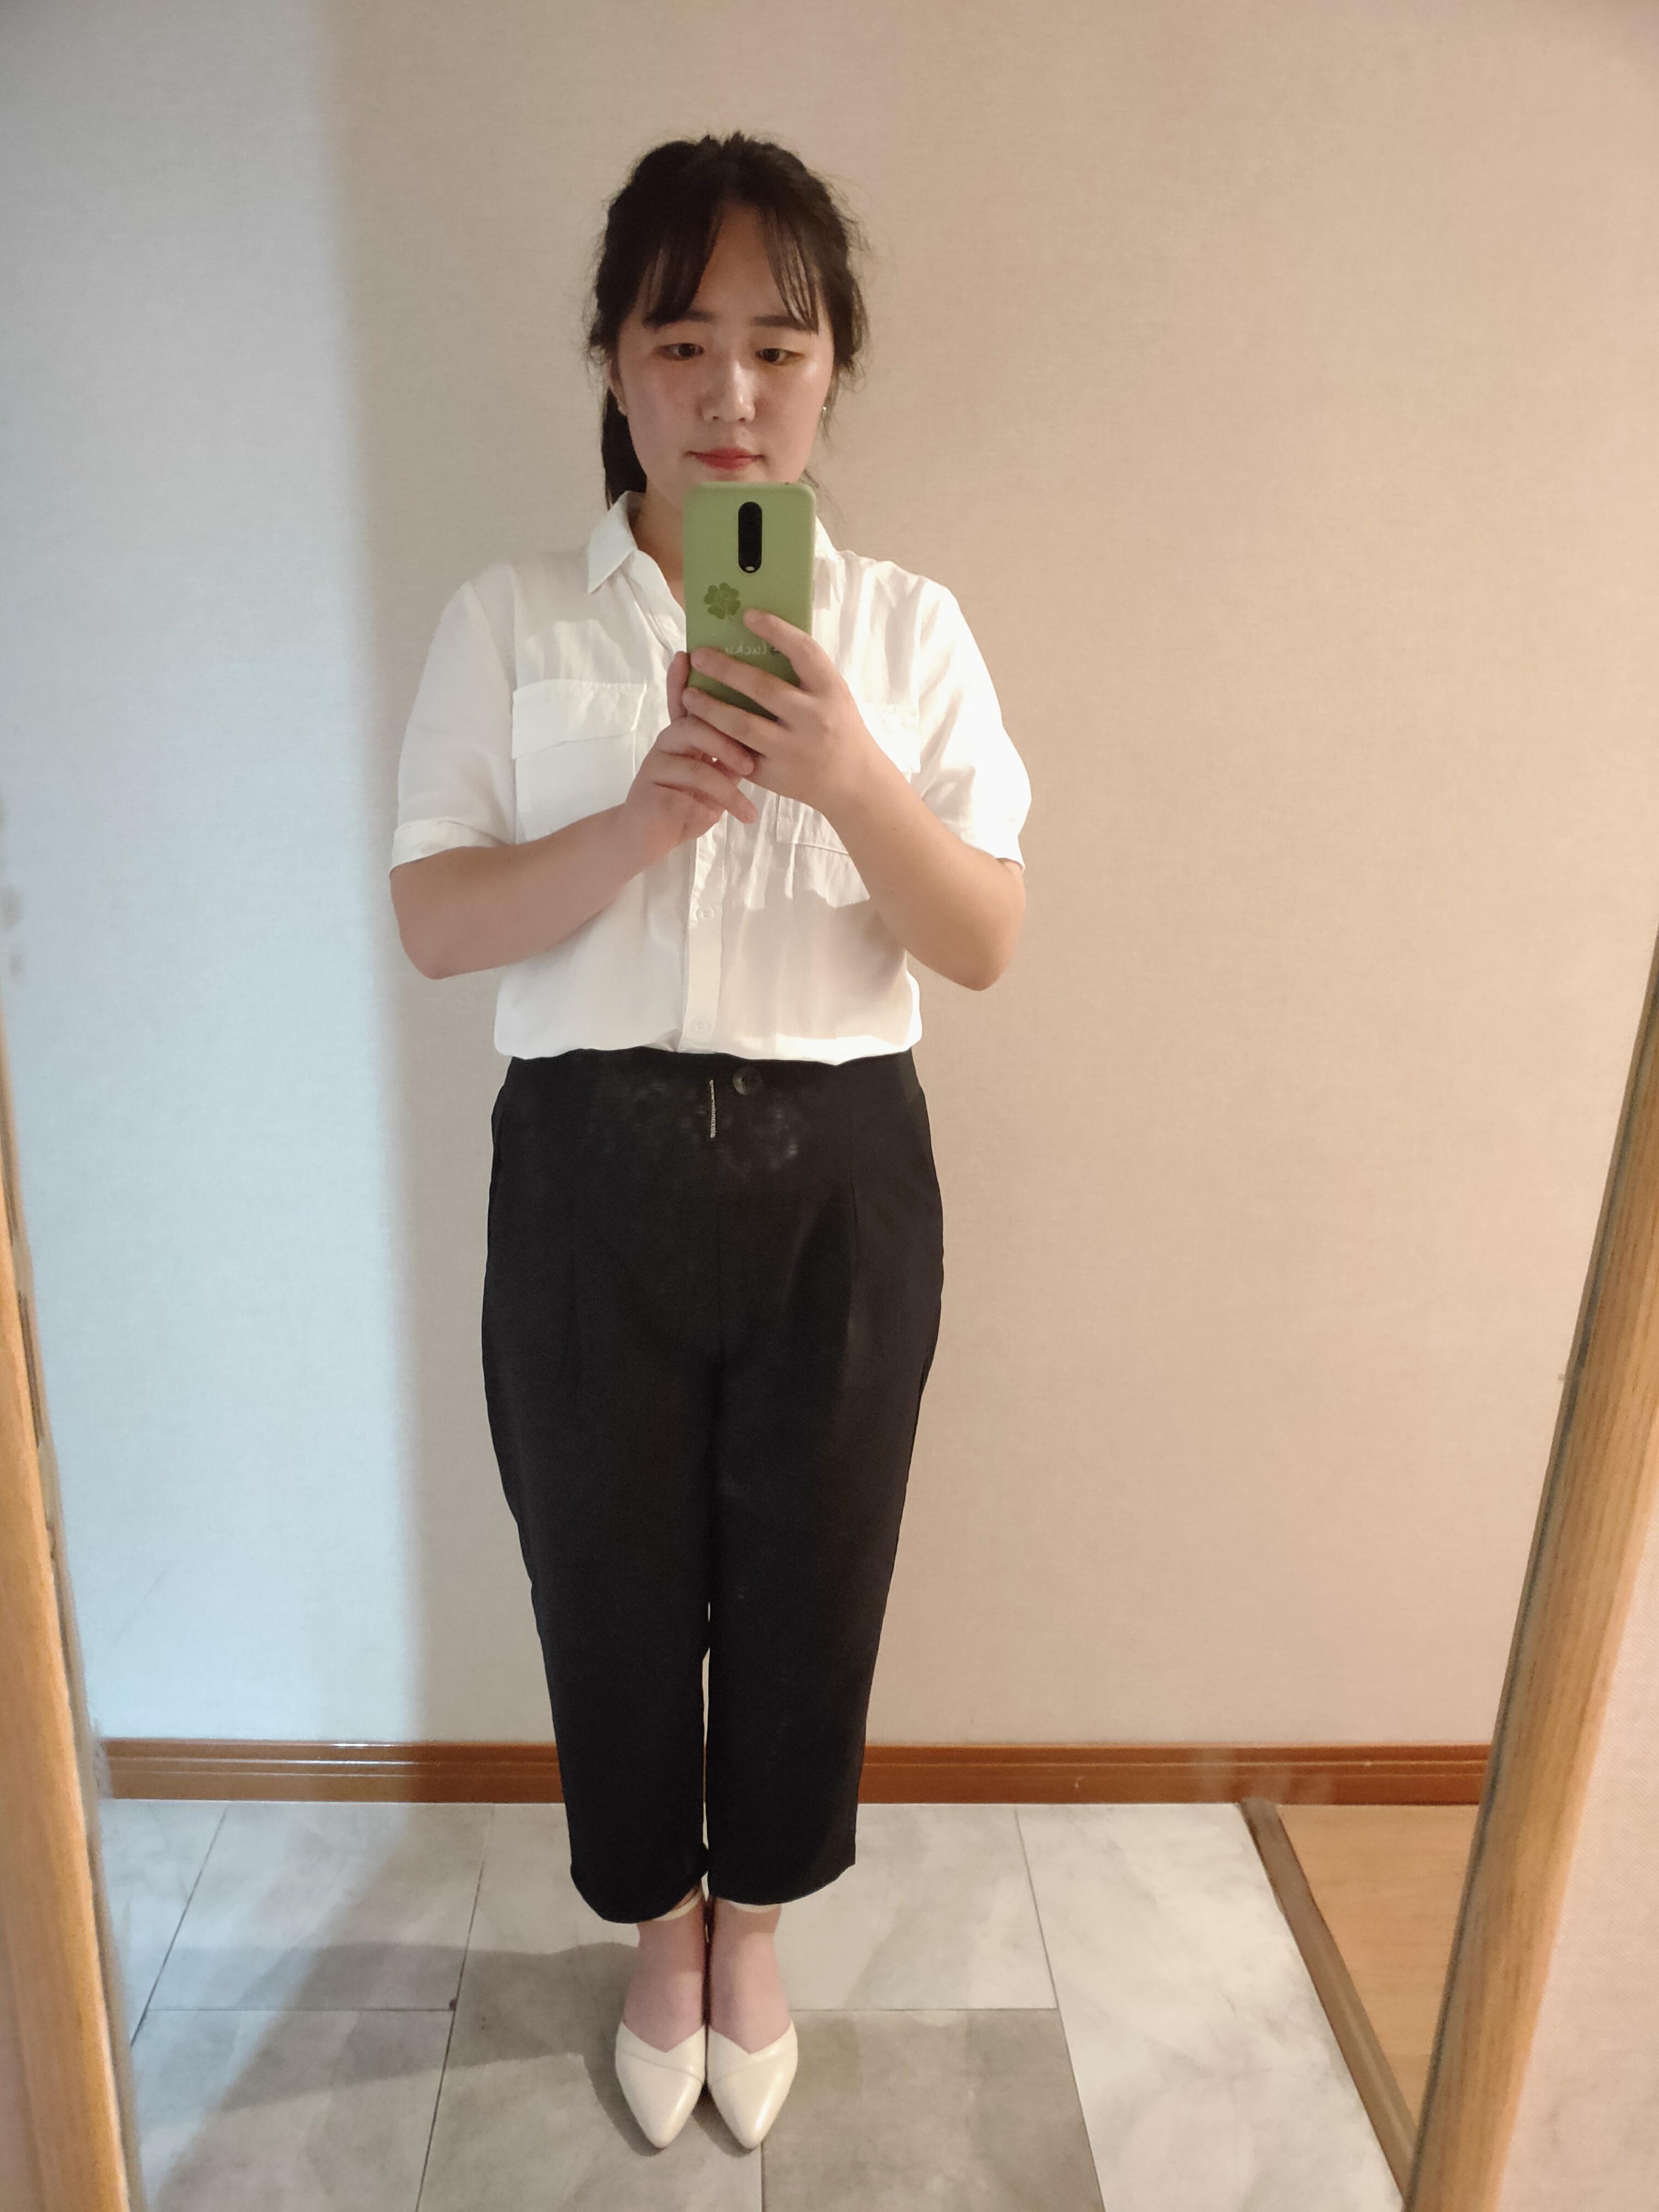 重庆家教涂教员